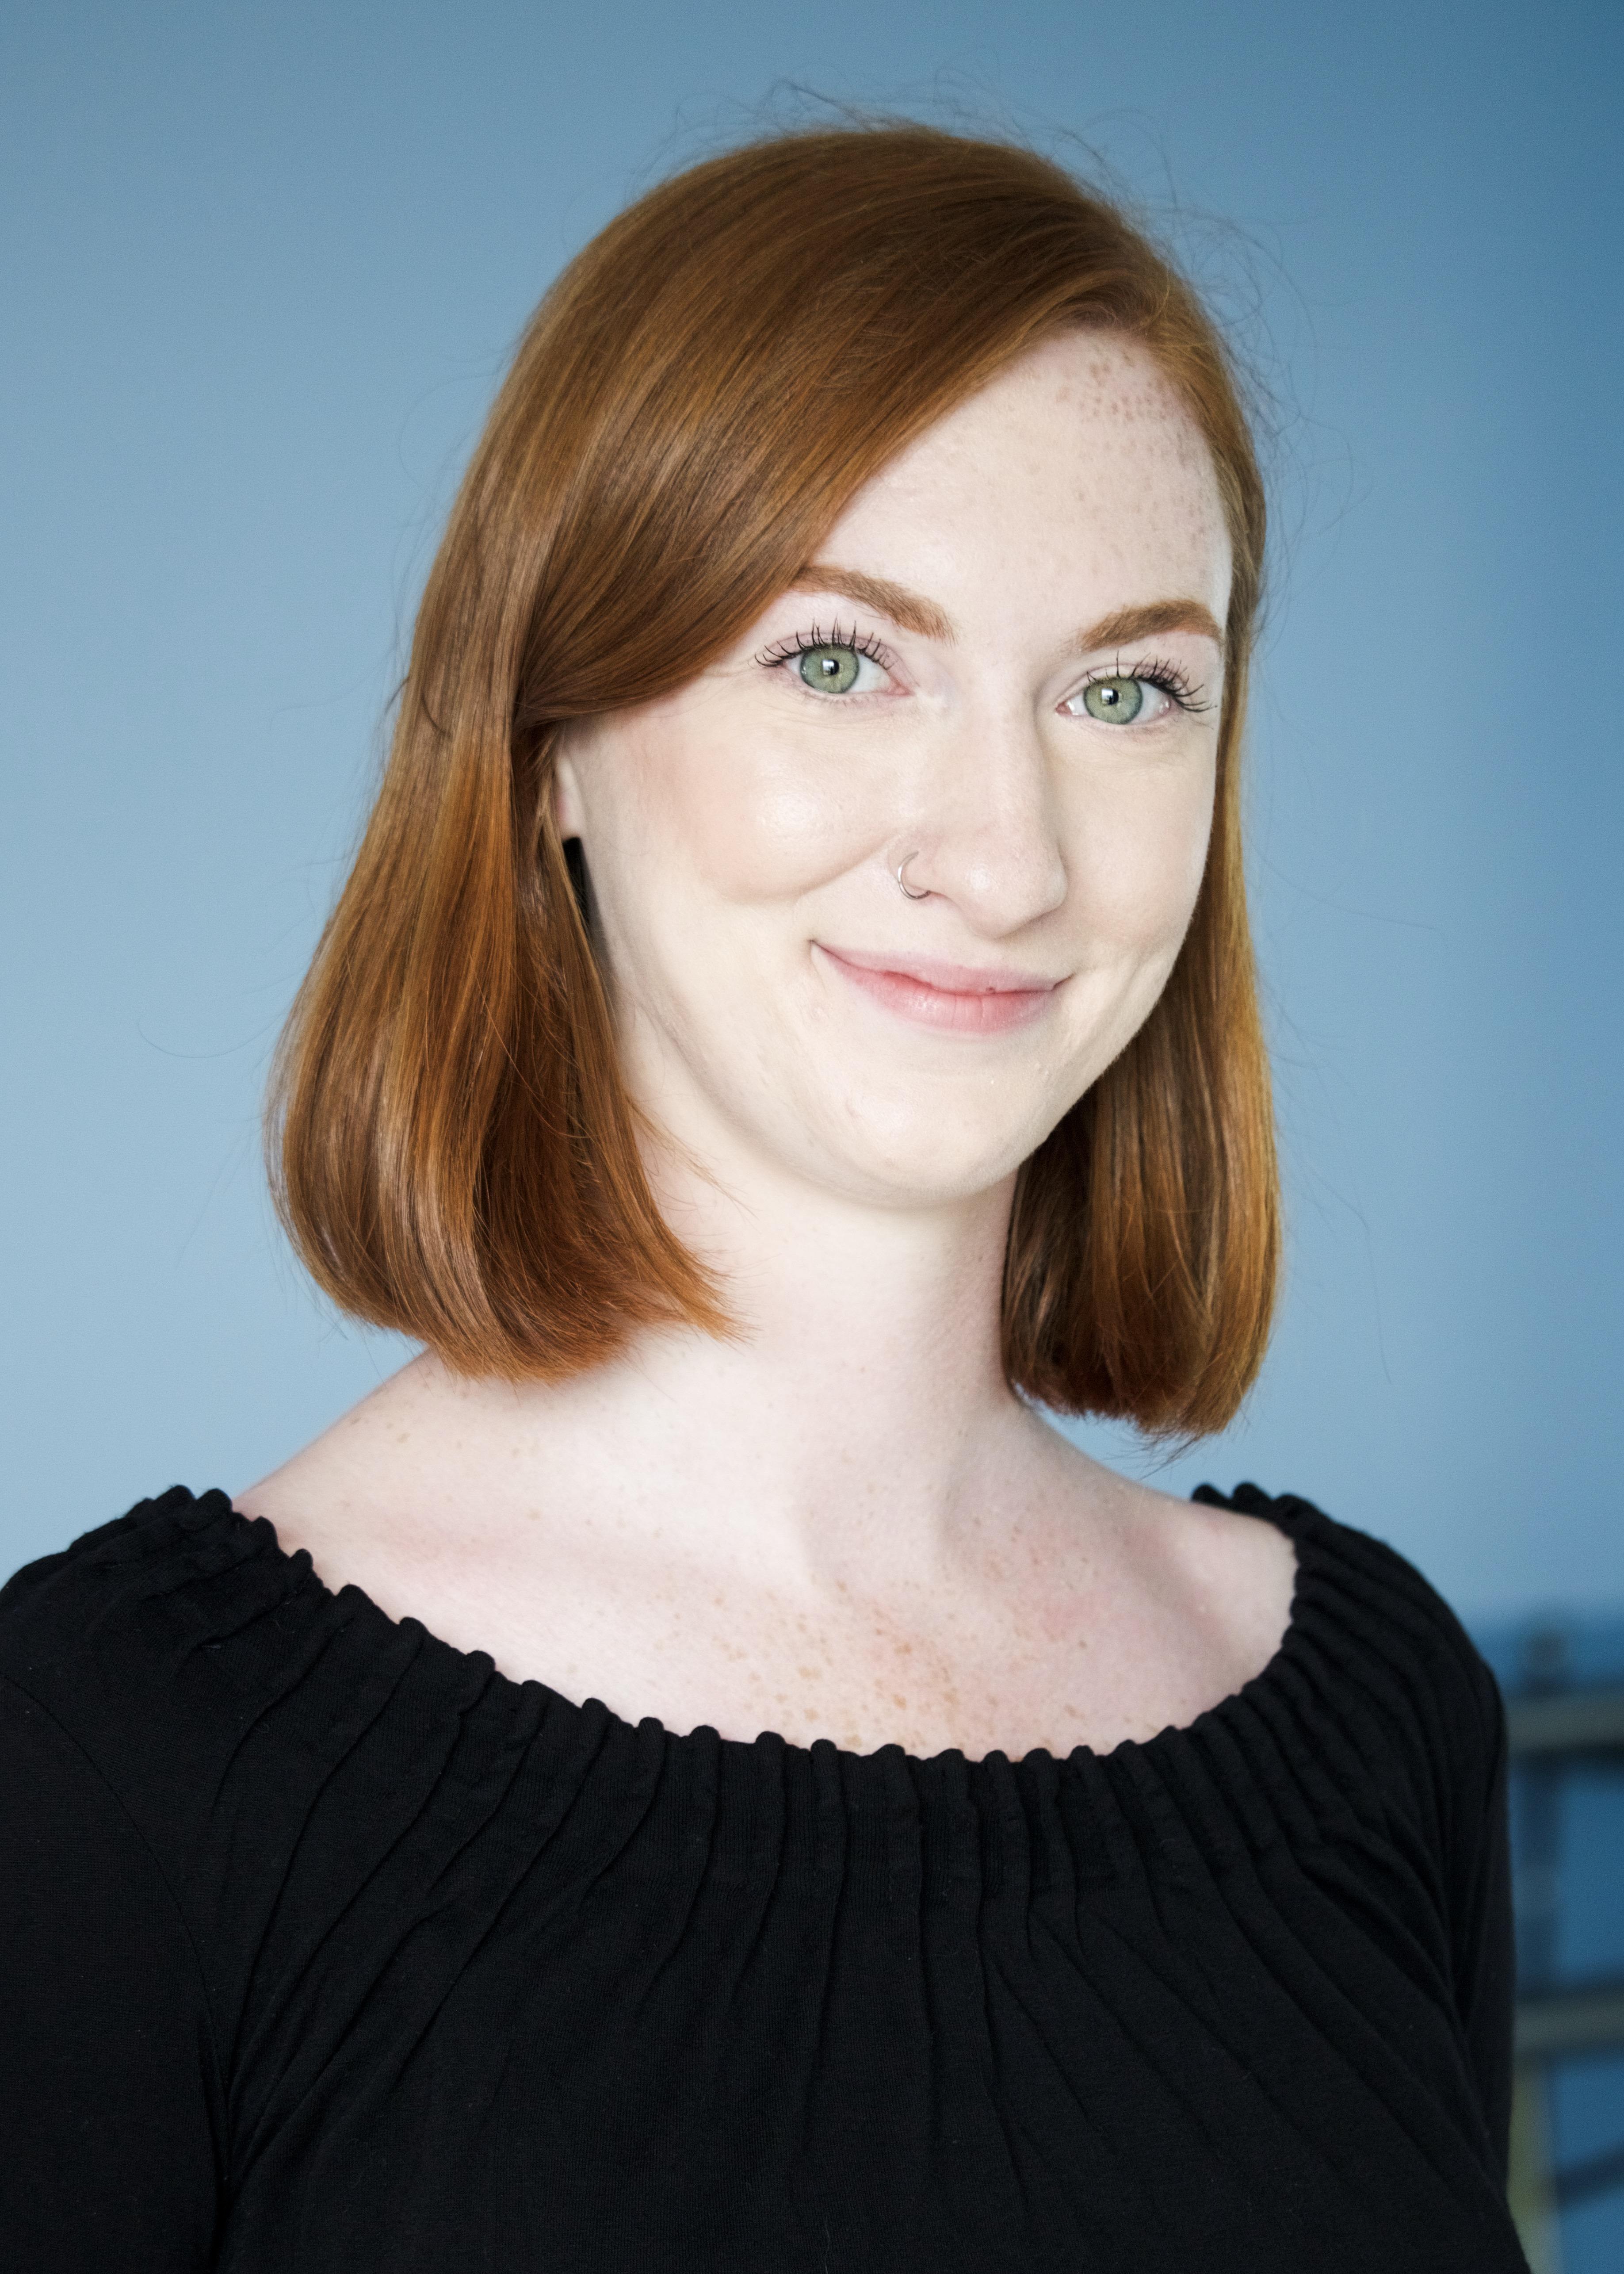 Mikayla Walsh